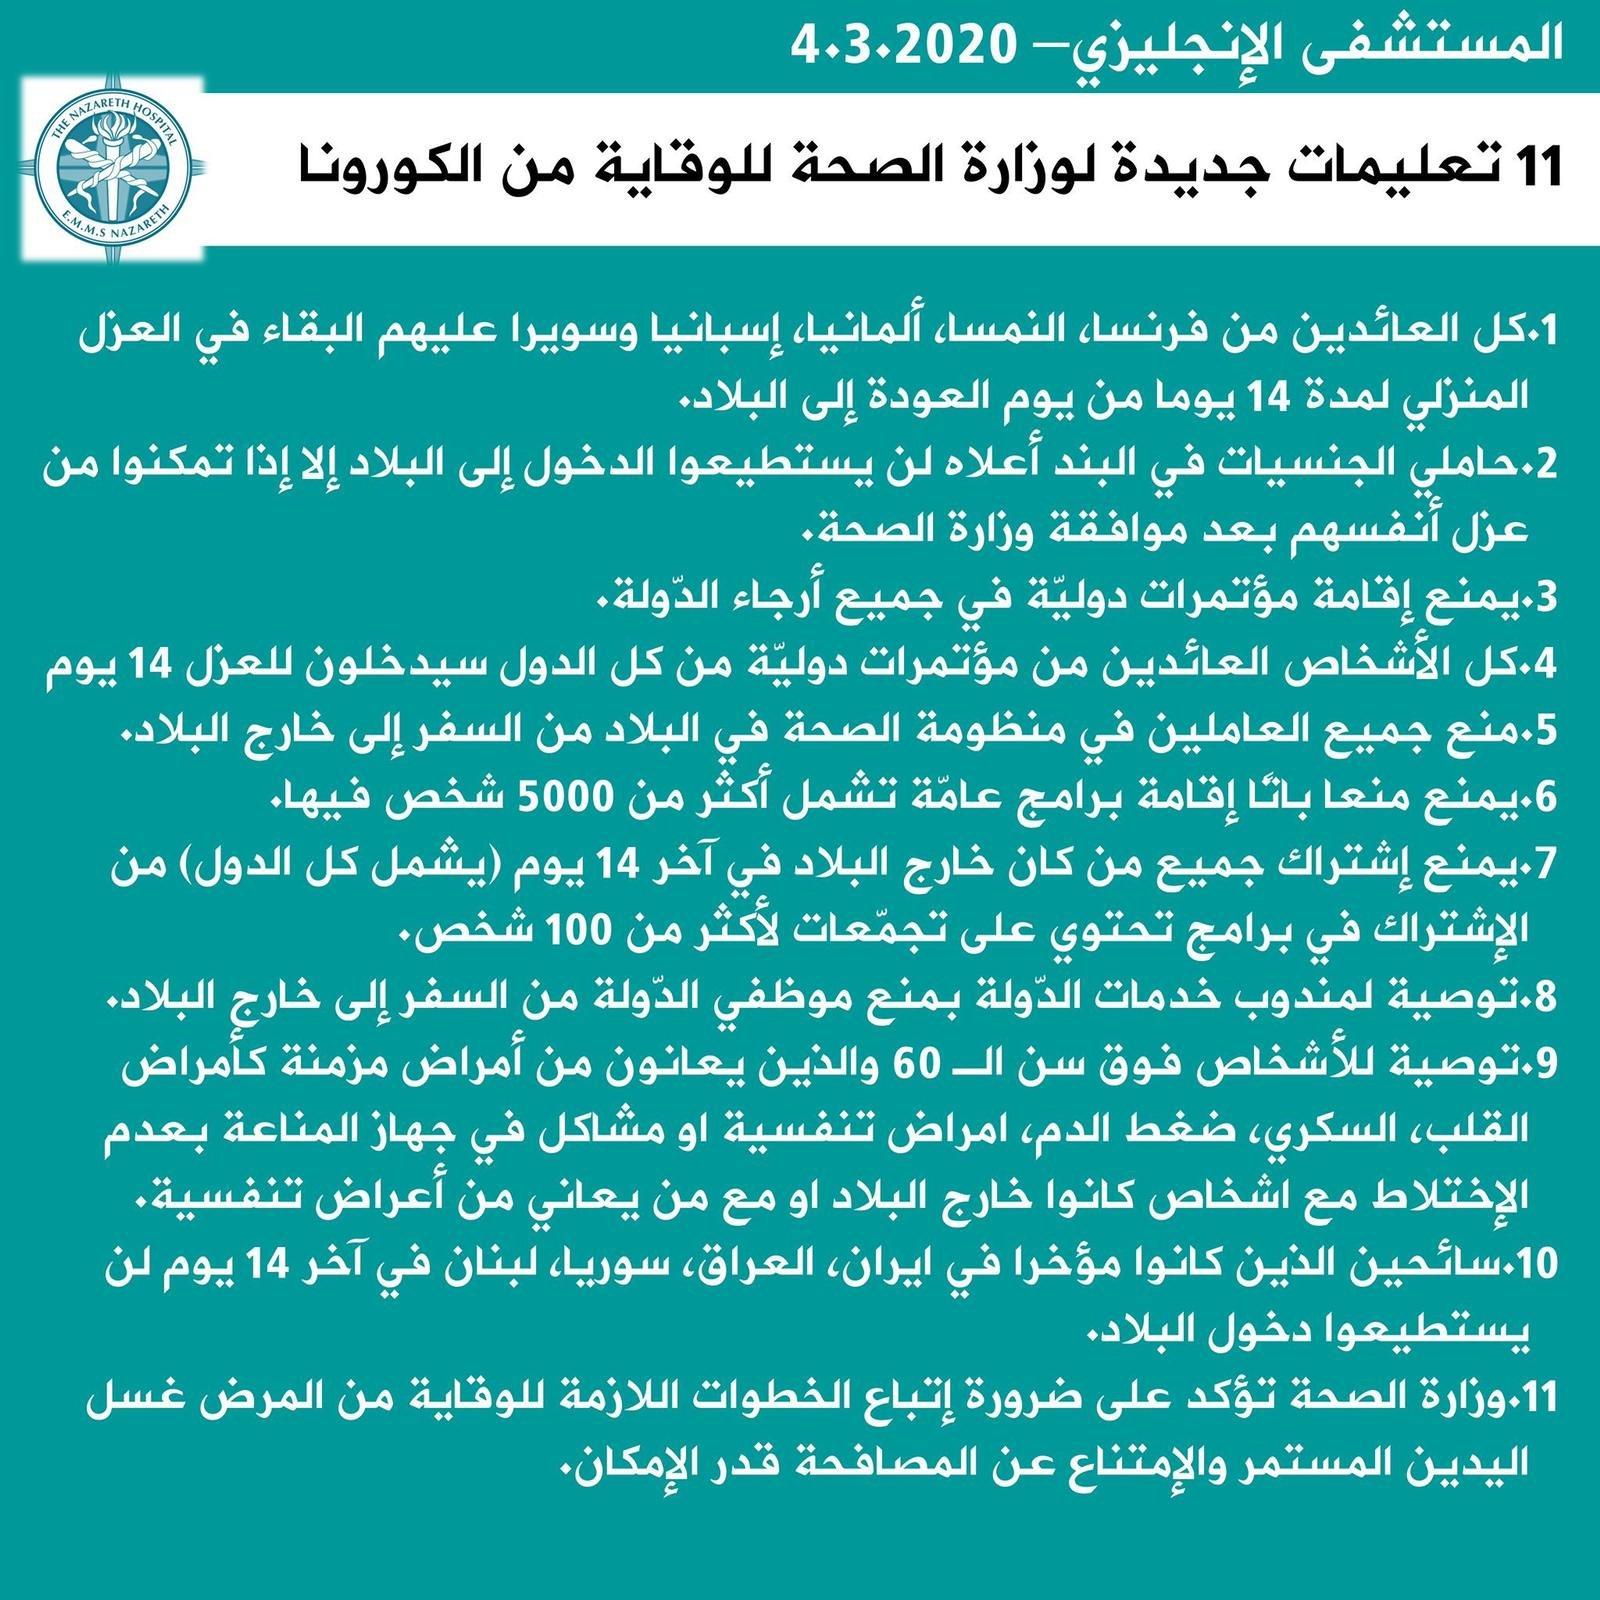 بلدية الناصرة: الانتباه والحذر والخطوات الوقائية من الكورونا-3